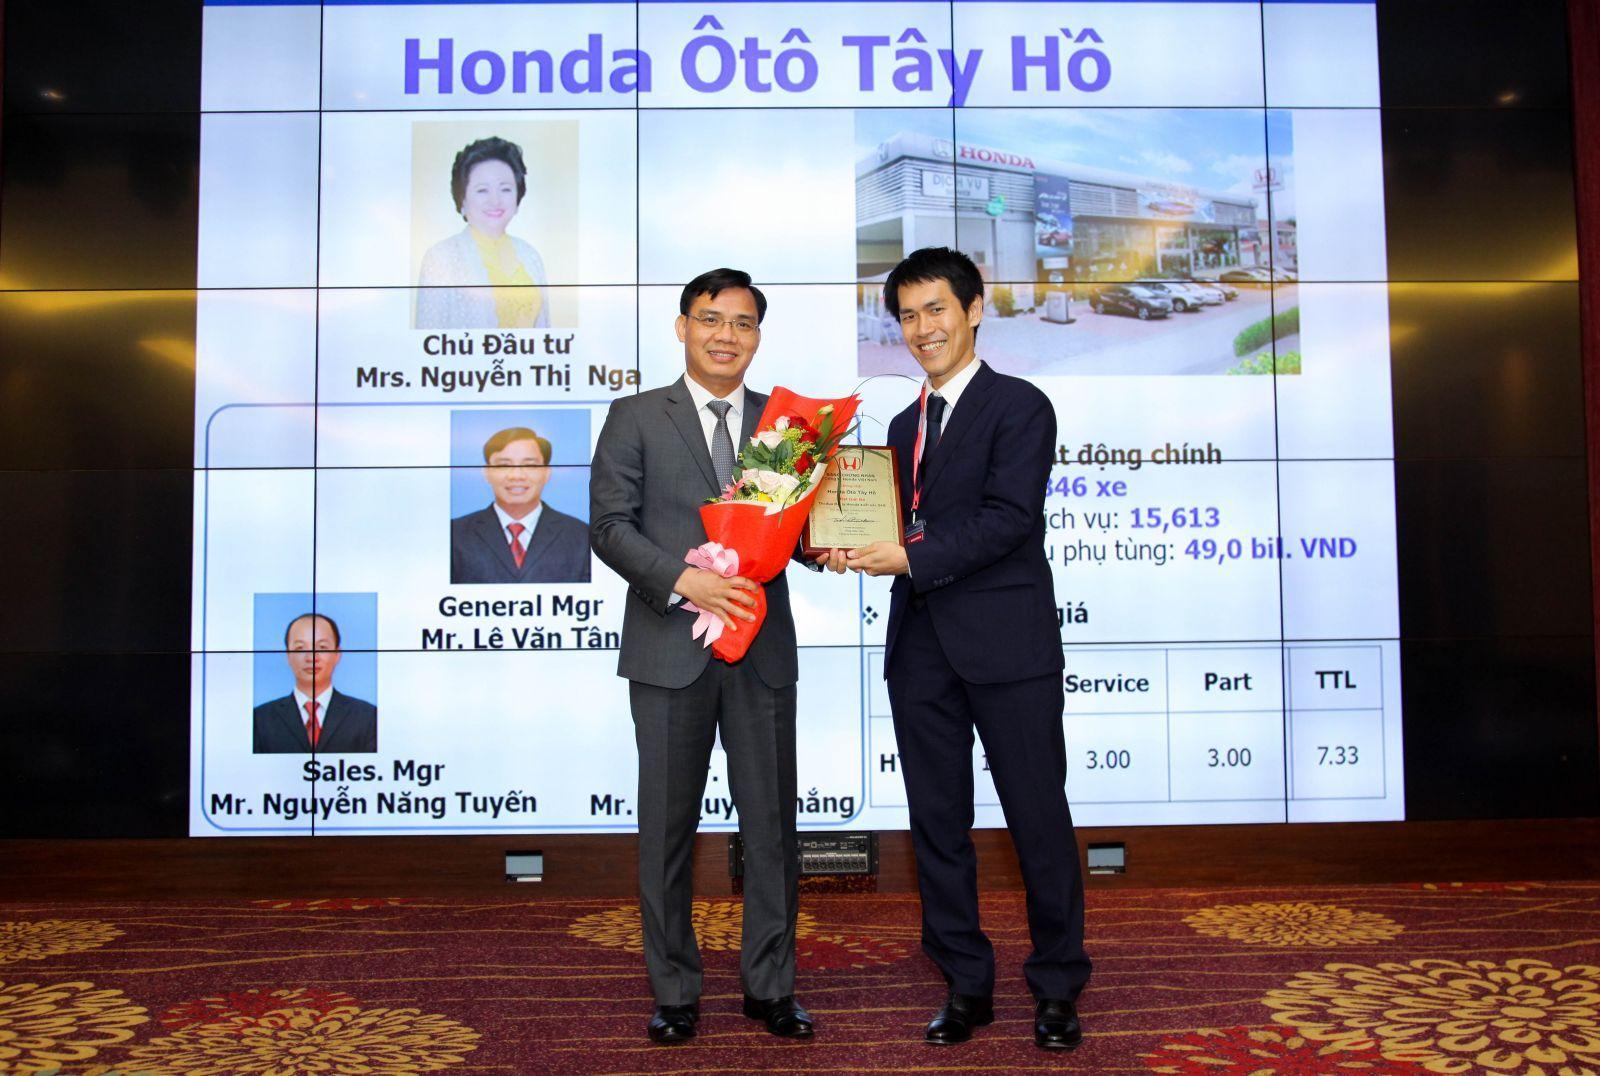 Honda Ôtô Tây Hồ tự hào được vinh danh là một trong 3 đại lý Honda ô tô suất sắc nhất